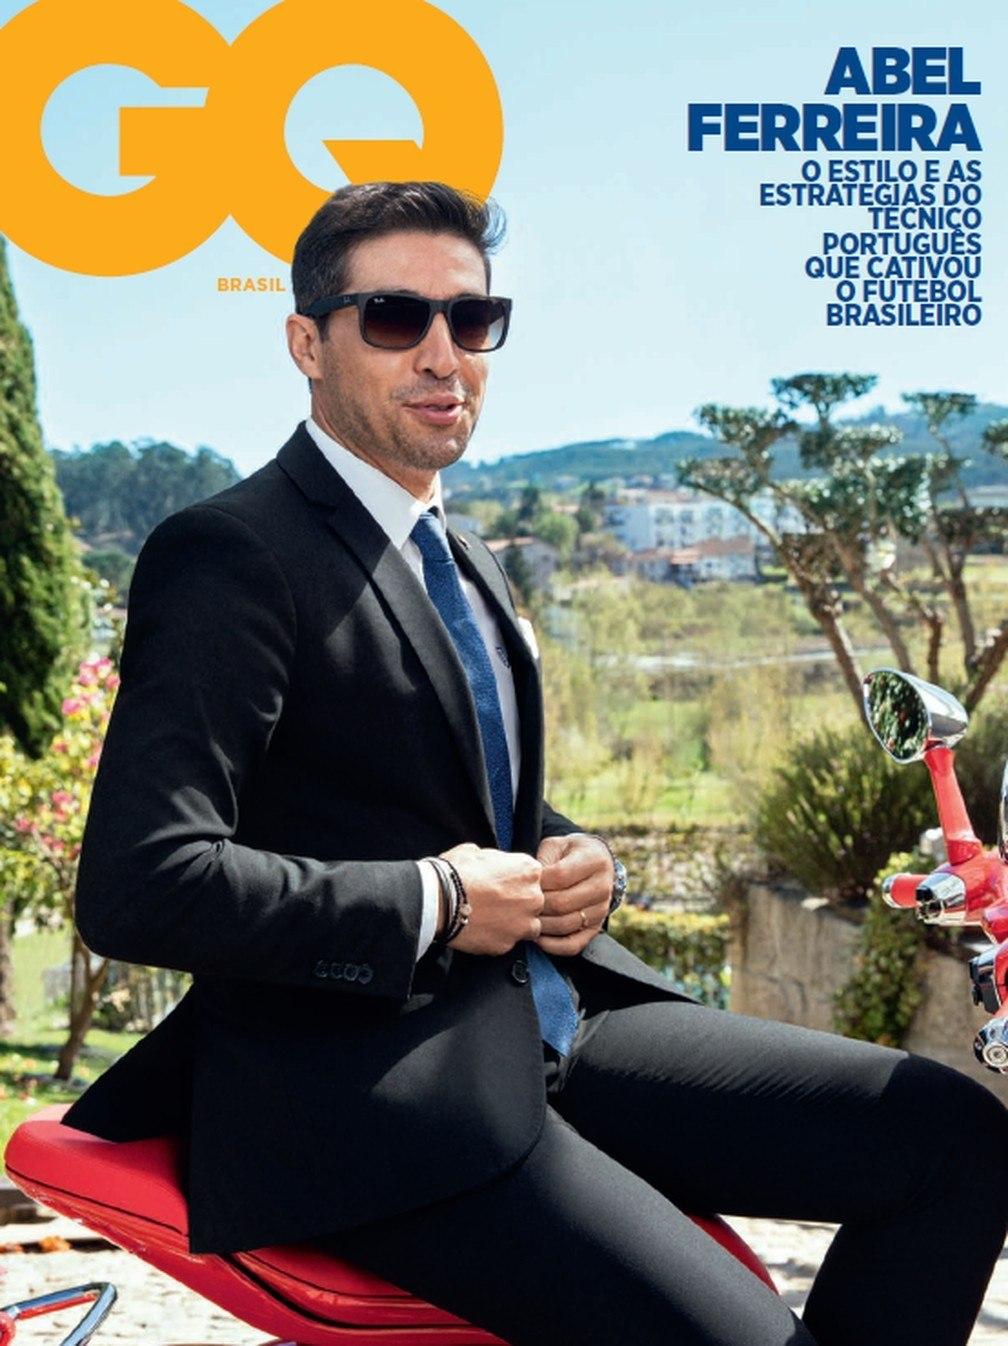 Abel Ferreira. Pose de modelo para revista masculina. Na véspera da decisão da Recopa